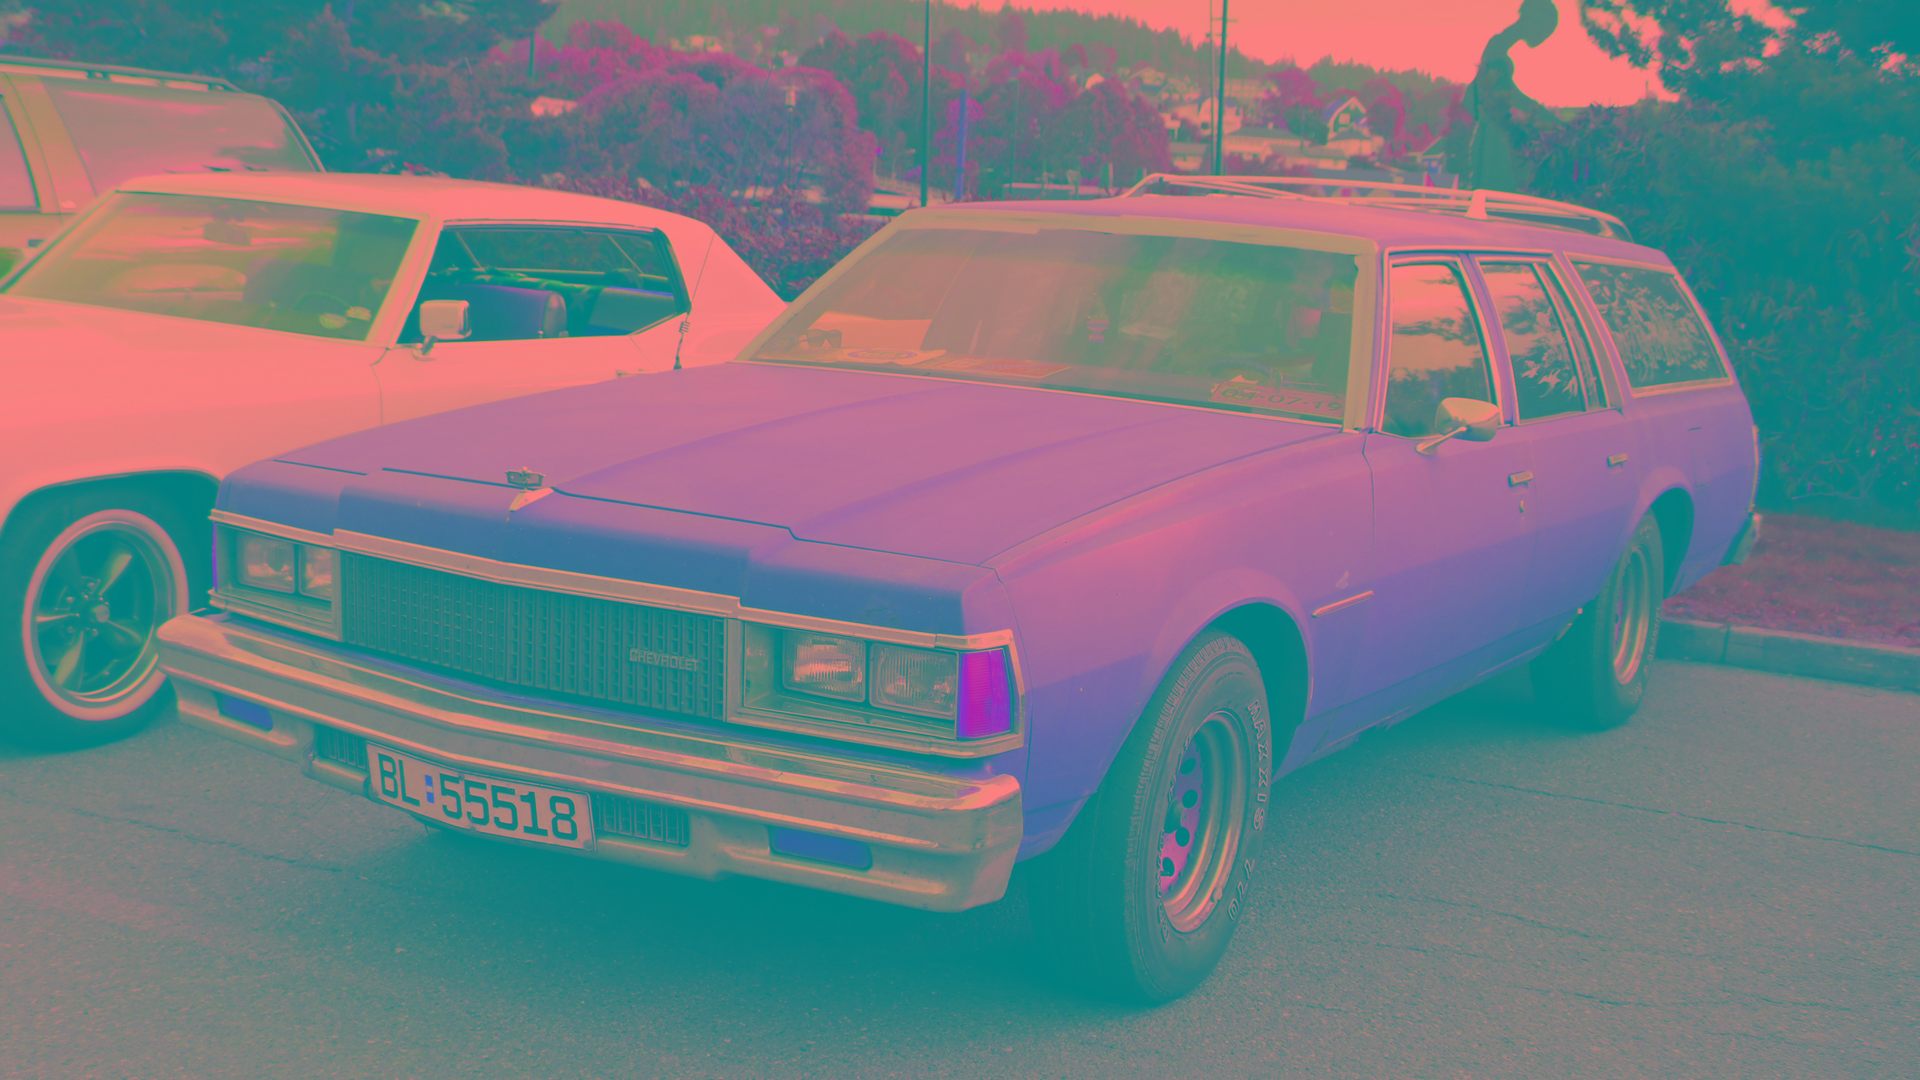 011-1977 Chevrolet Caprice Classic 01. Eier- medle